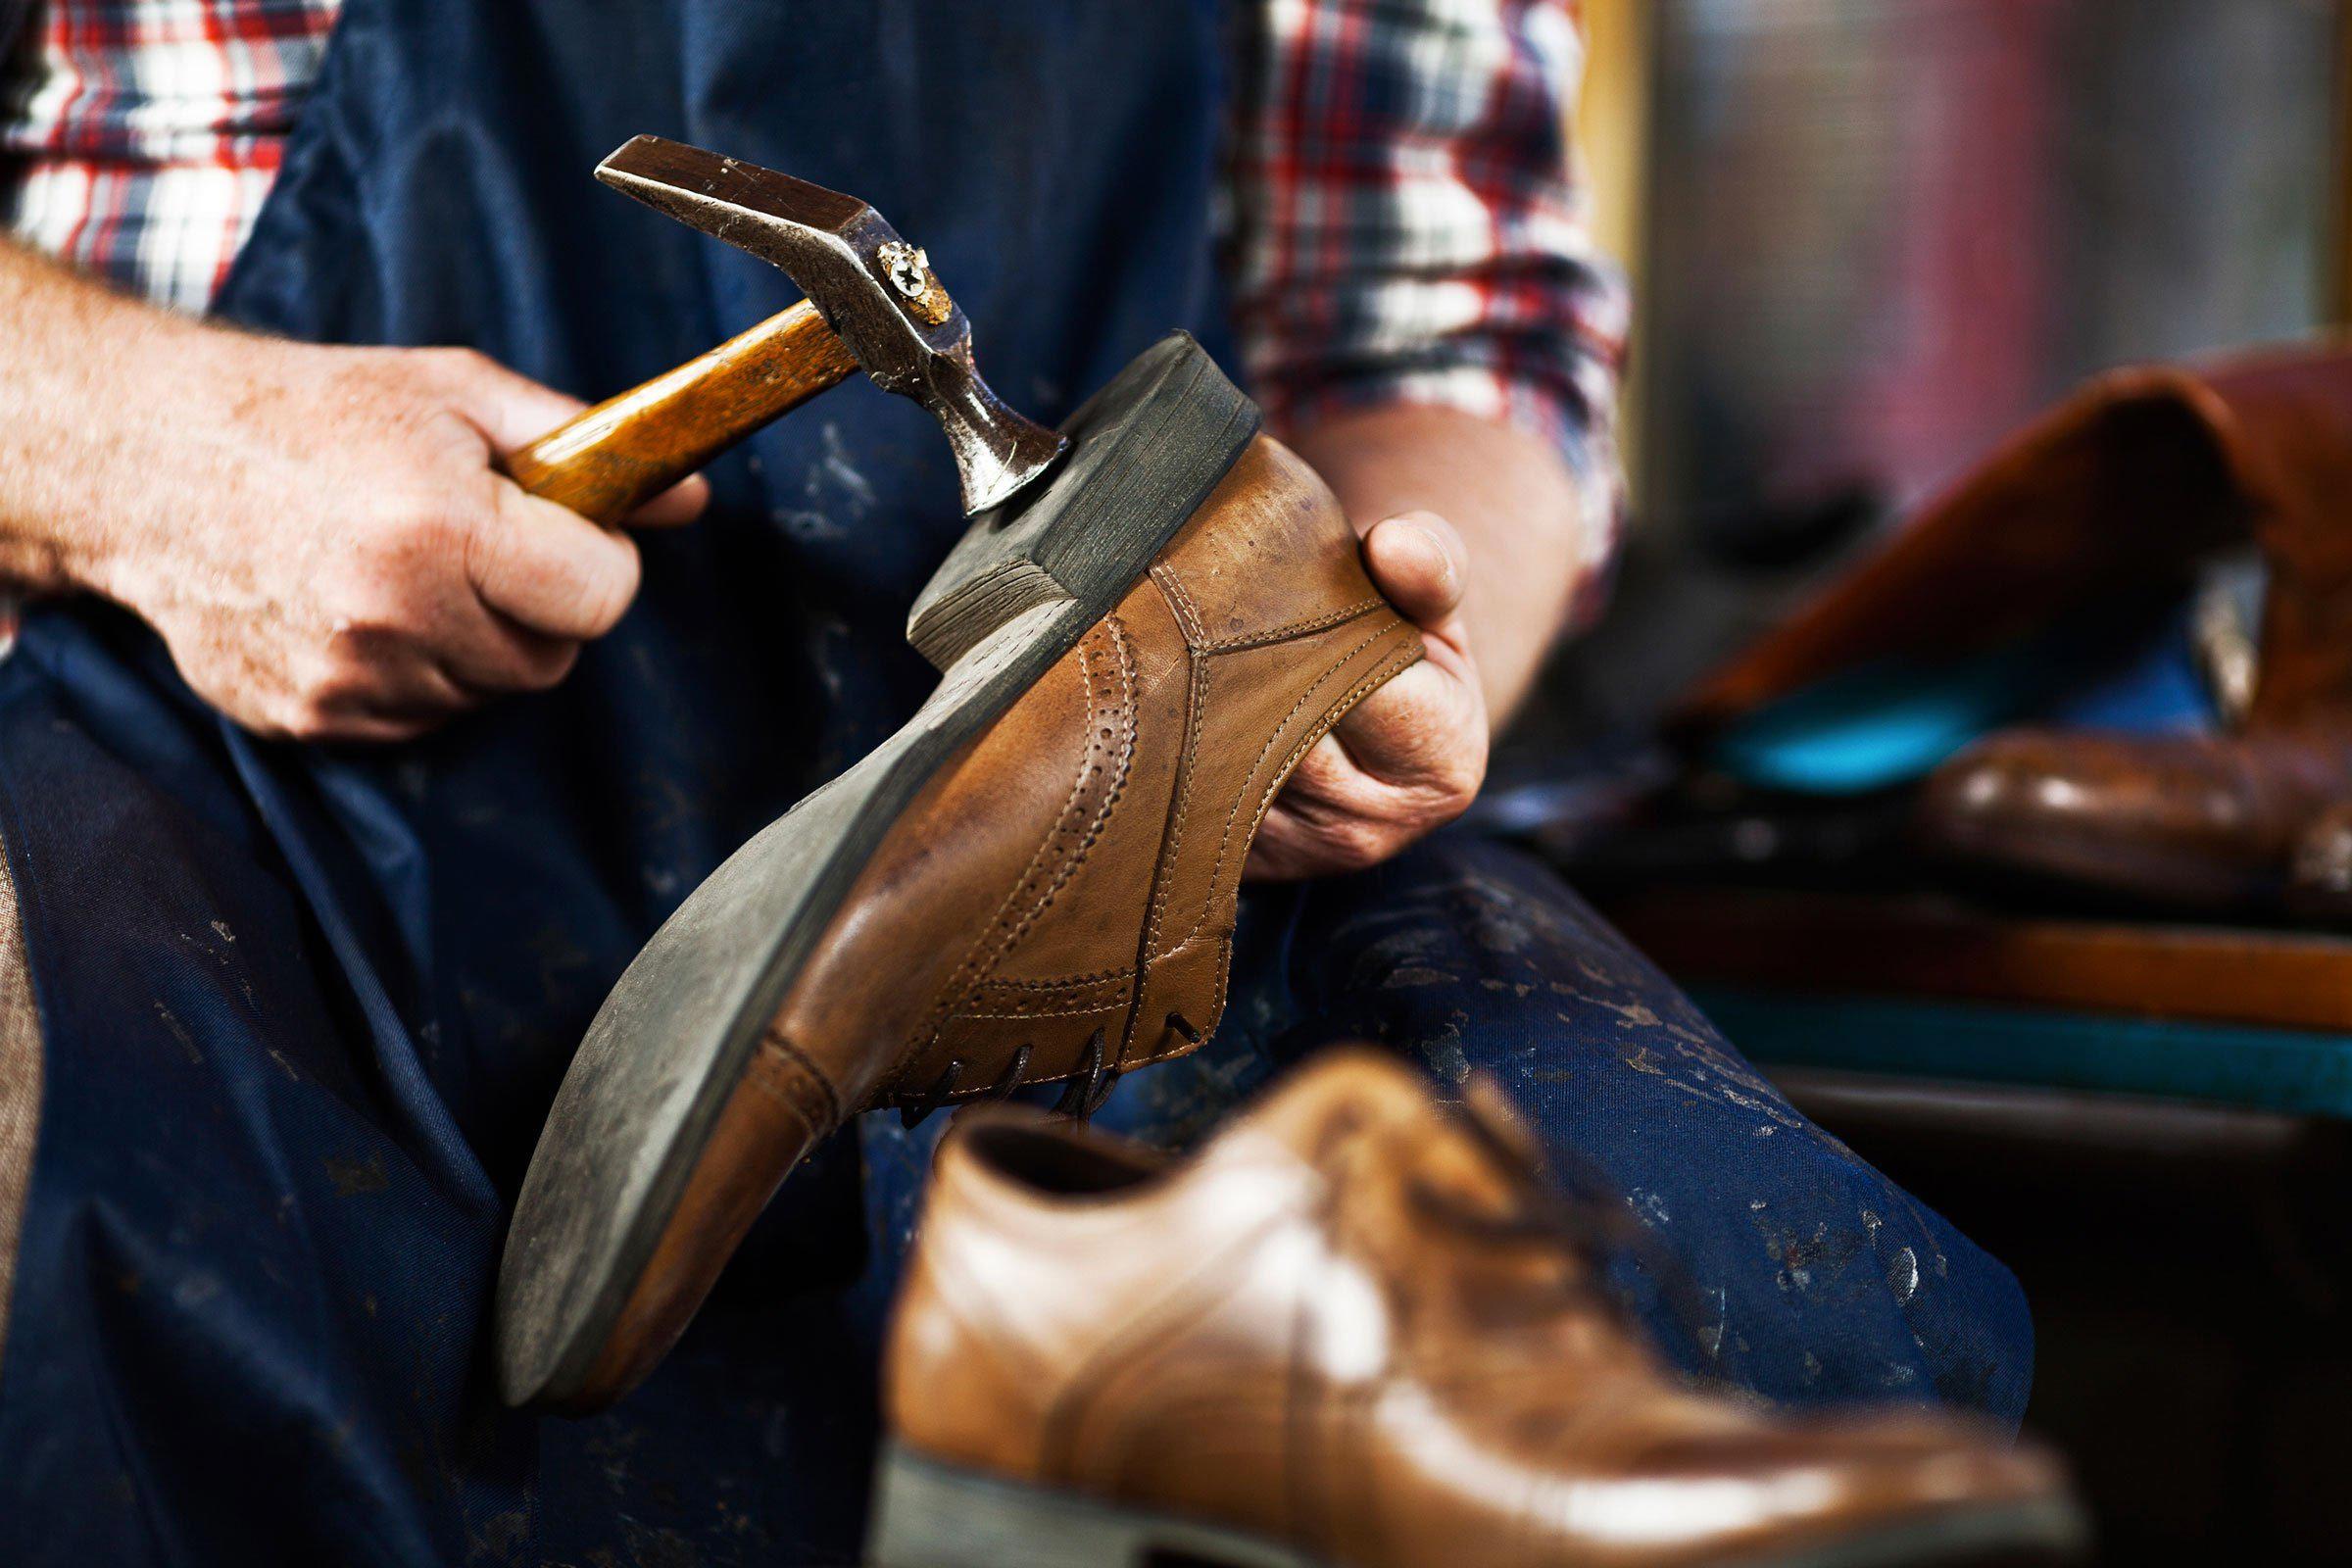 Trucs pour économiser : entretenez vos chaussures.